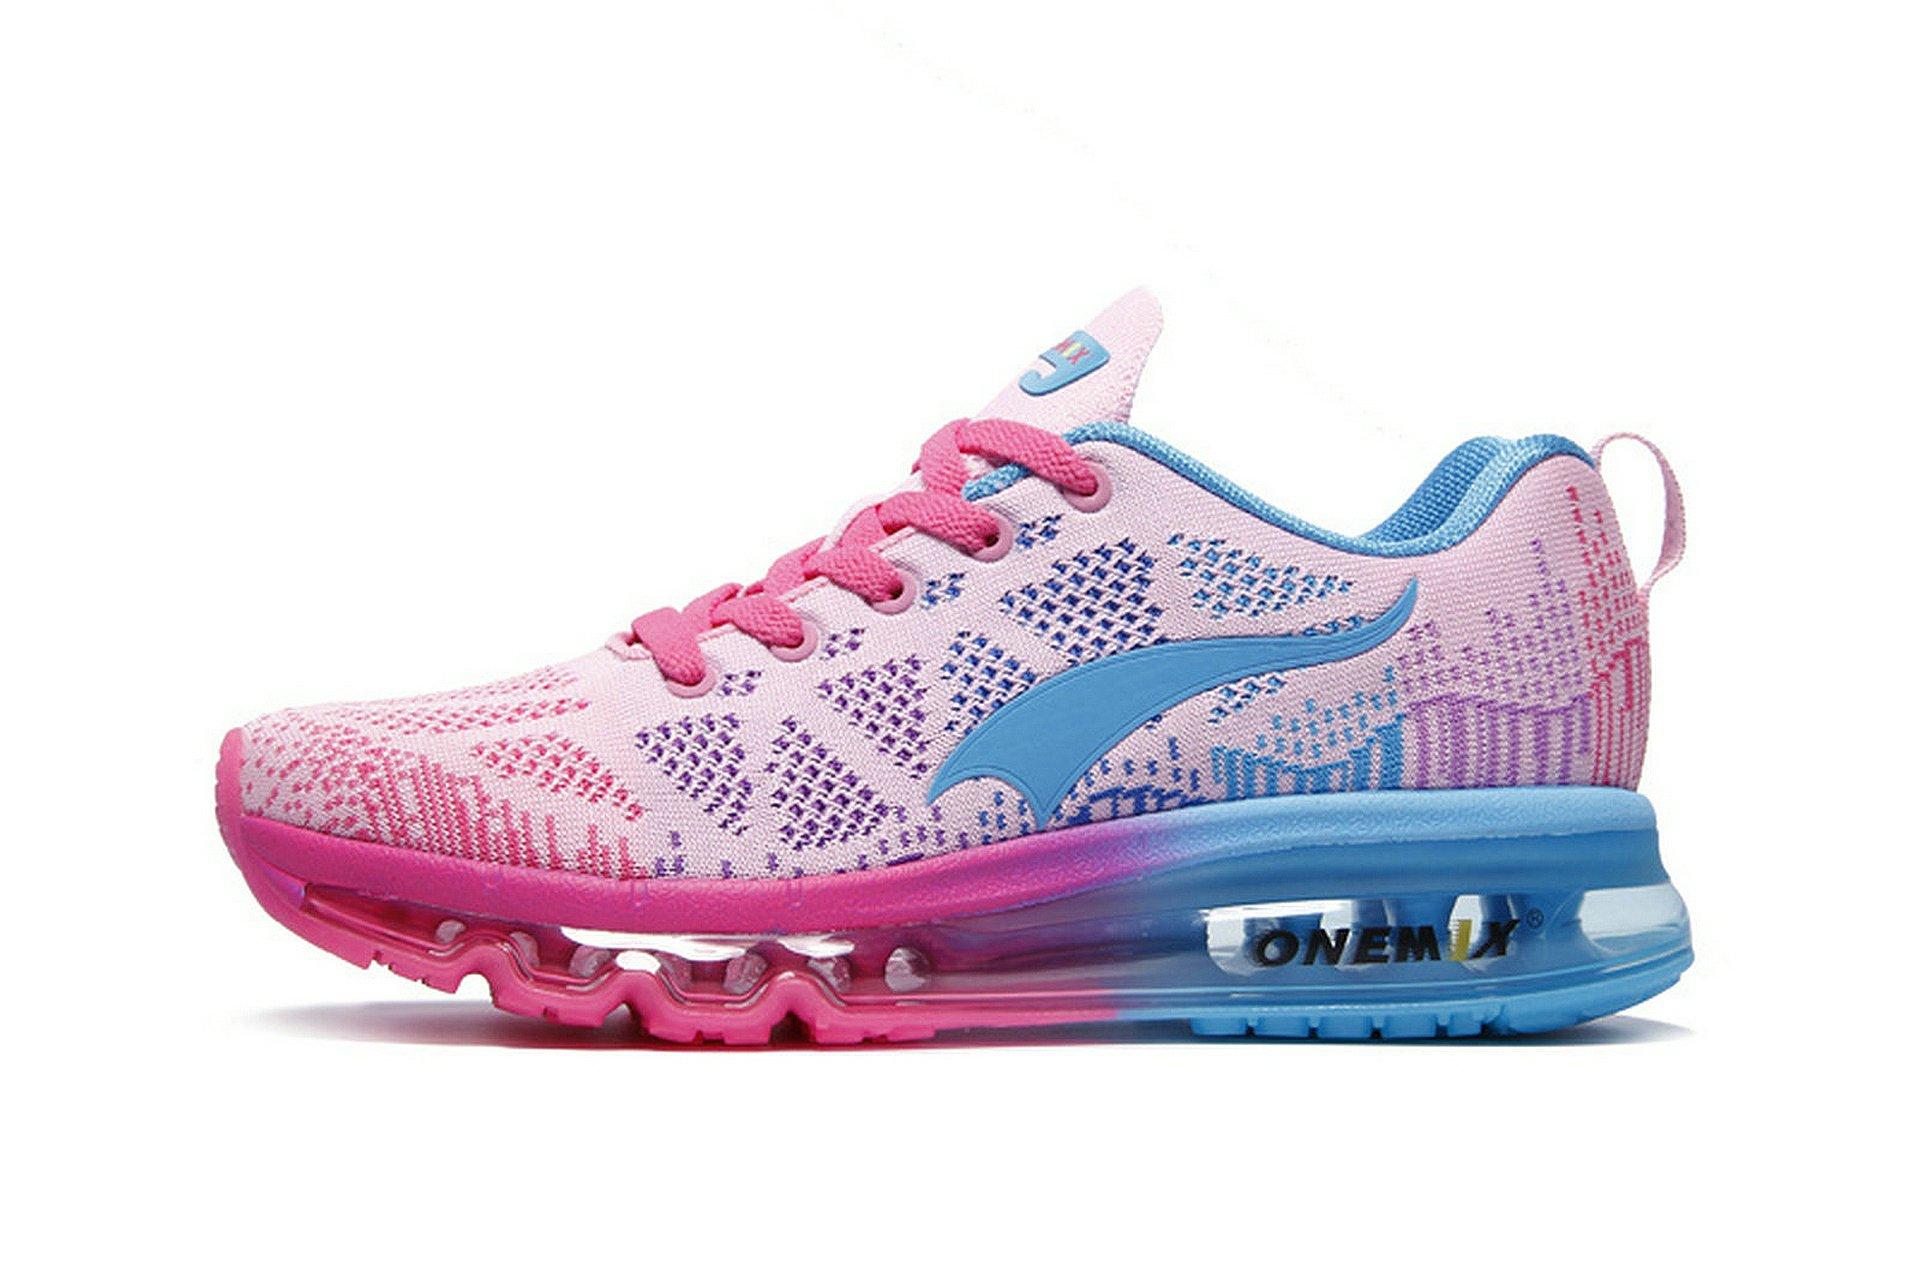 Onemix Women's Lightweight Air Cushion Outdoor Sport running Shoe, Pink Blue, Women 7(M)US/Men 5.5(M)US 38EU